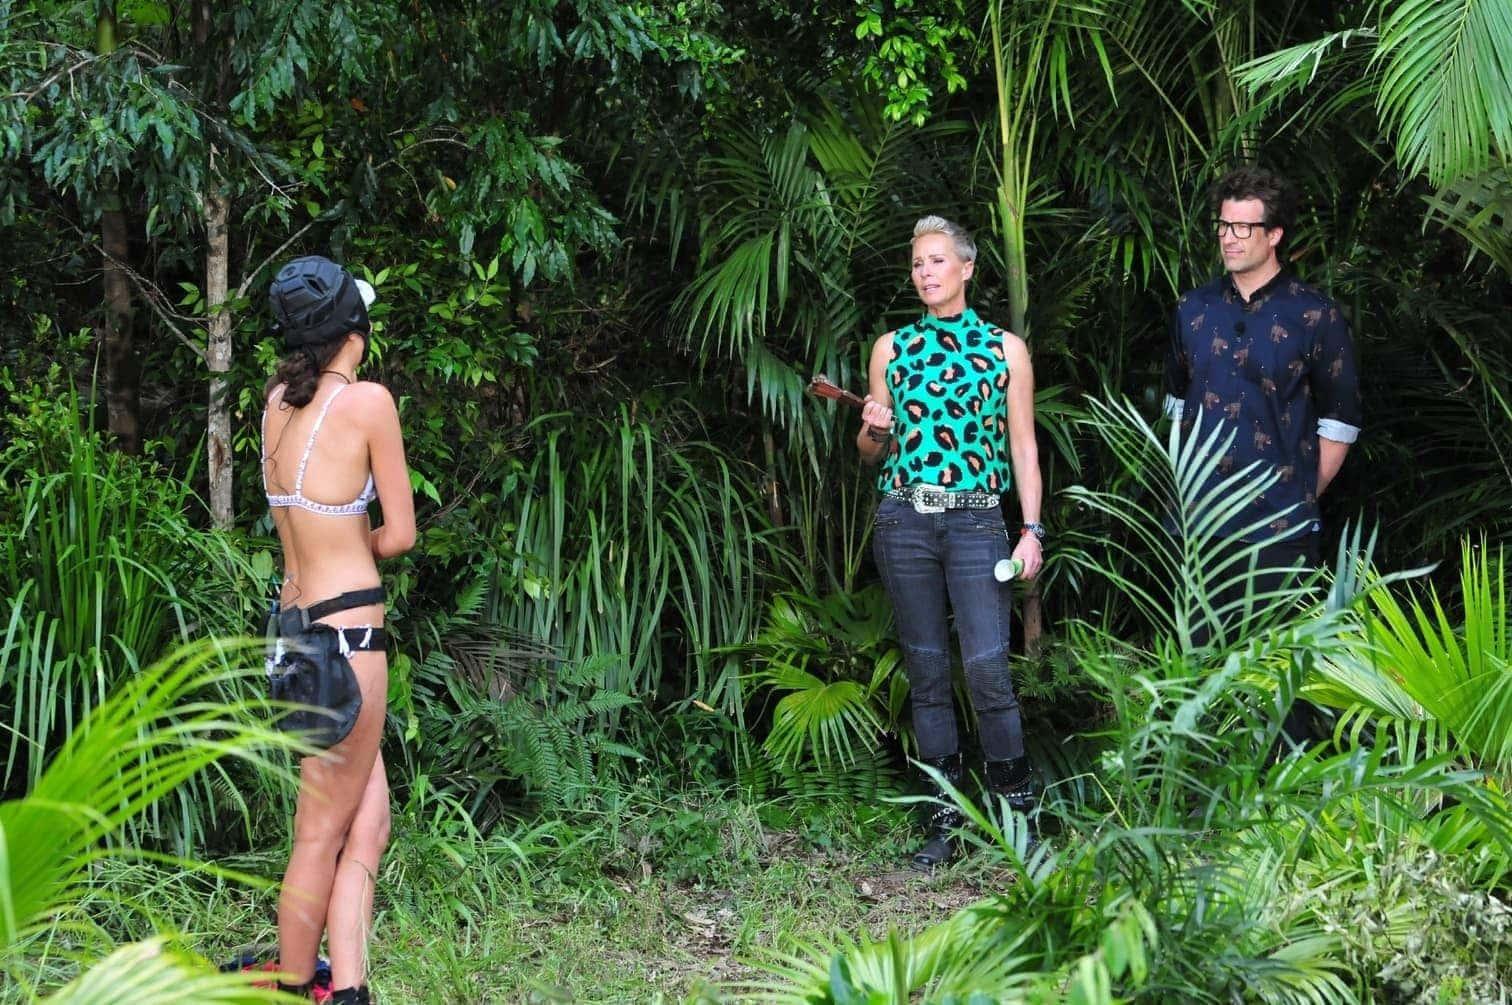 """<p>Auch am dritten Tag muss Gisele Oppermann zur Dschungelprüfung antreten. Hier begrüßen die Moderatoren Sonja Zietlow und Daniel Hartwich das Sensibelchen zur Prüfung """"Abgewrackt"""".</p>"""